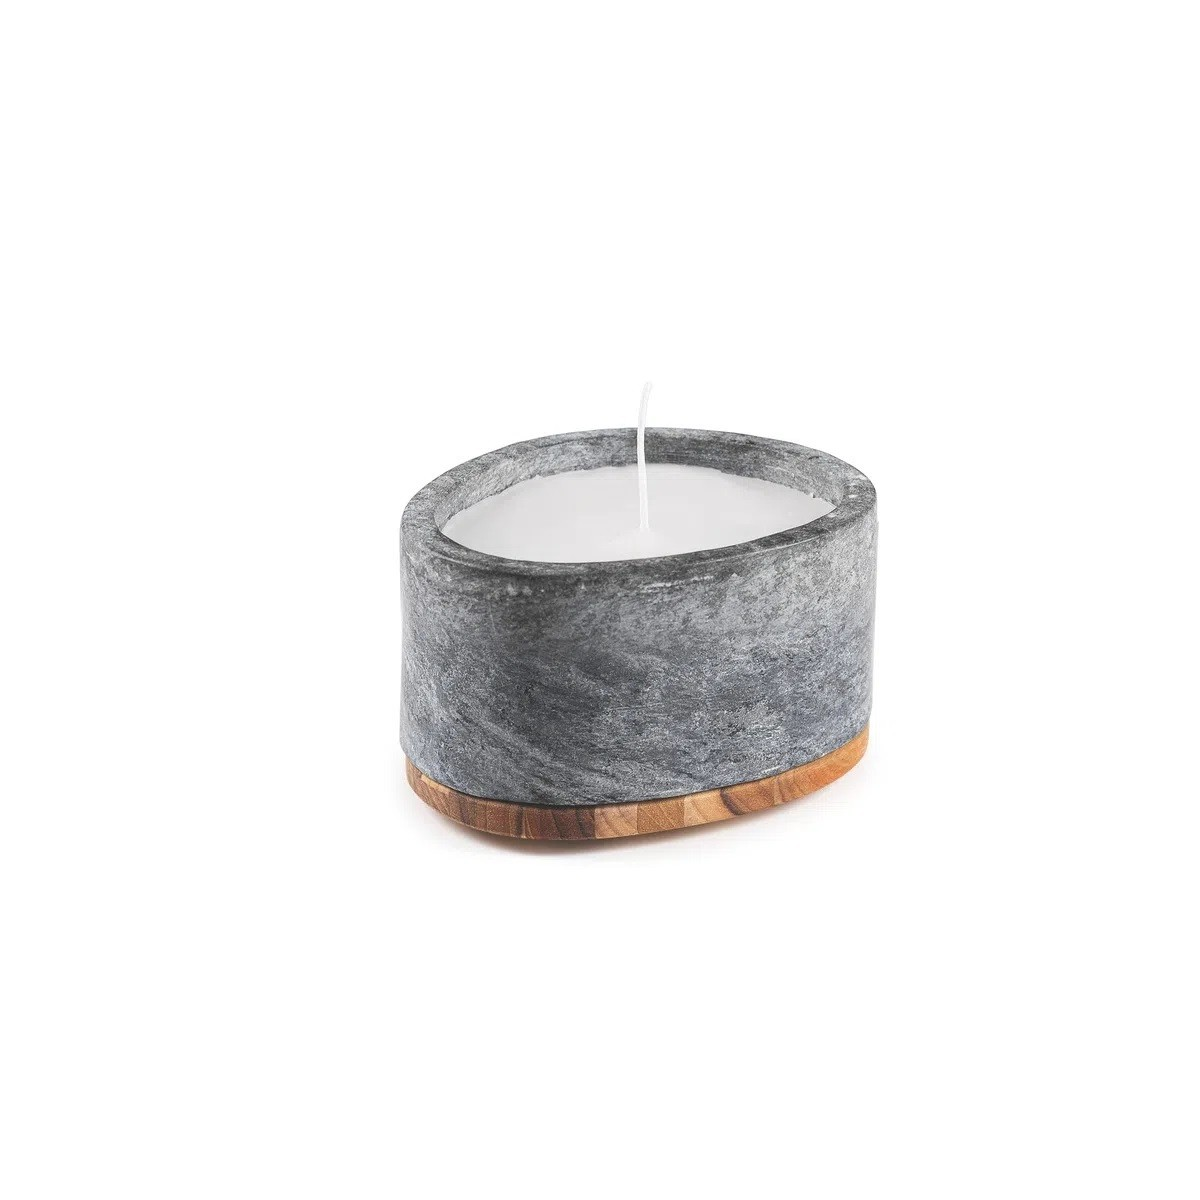 Pote Concreta Pedra Sabão Polida com Tampa Madeira Teca Tramontina  - Sua Casa Gourmet e Cia